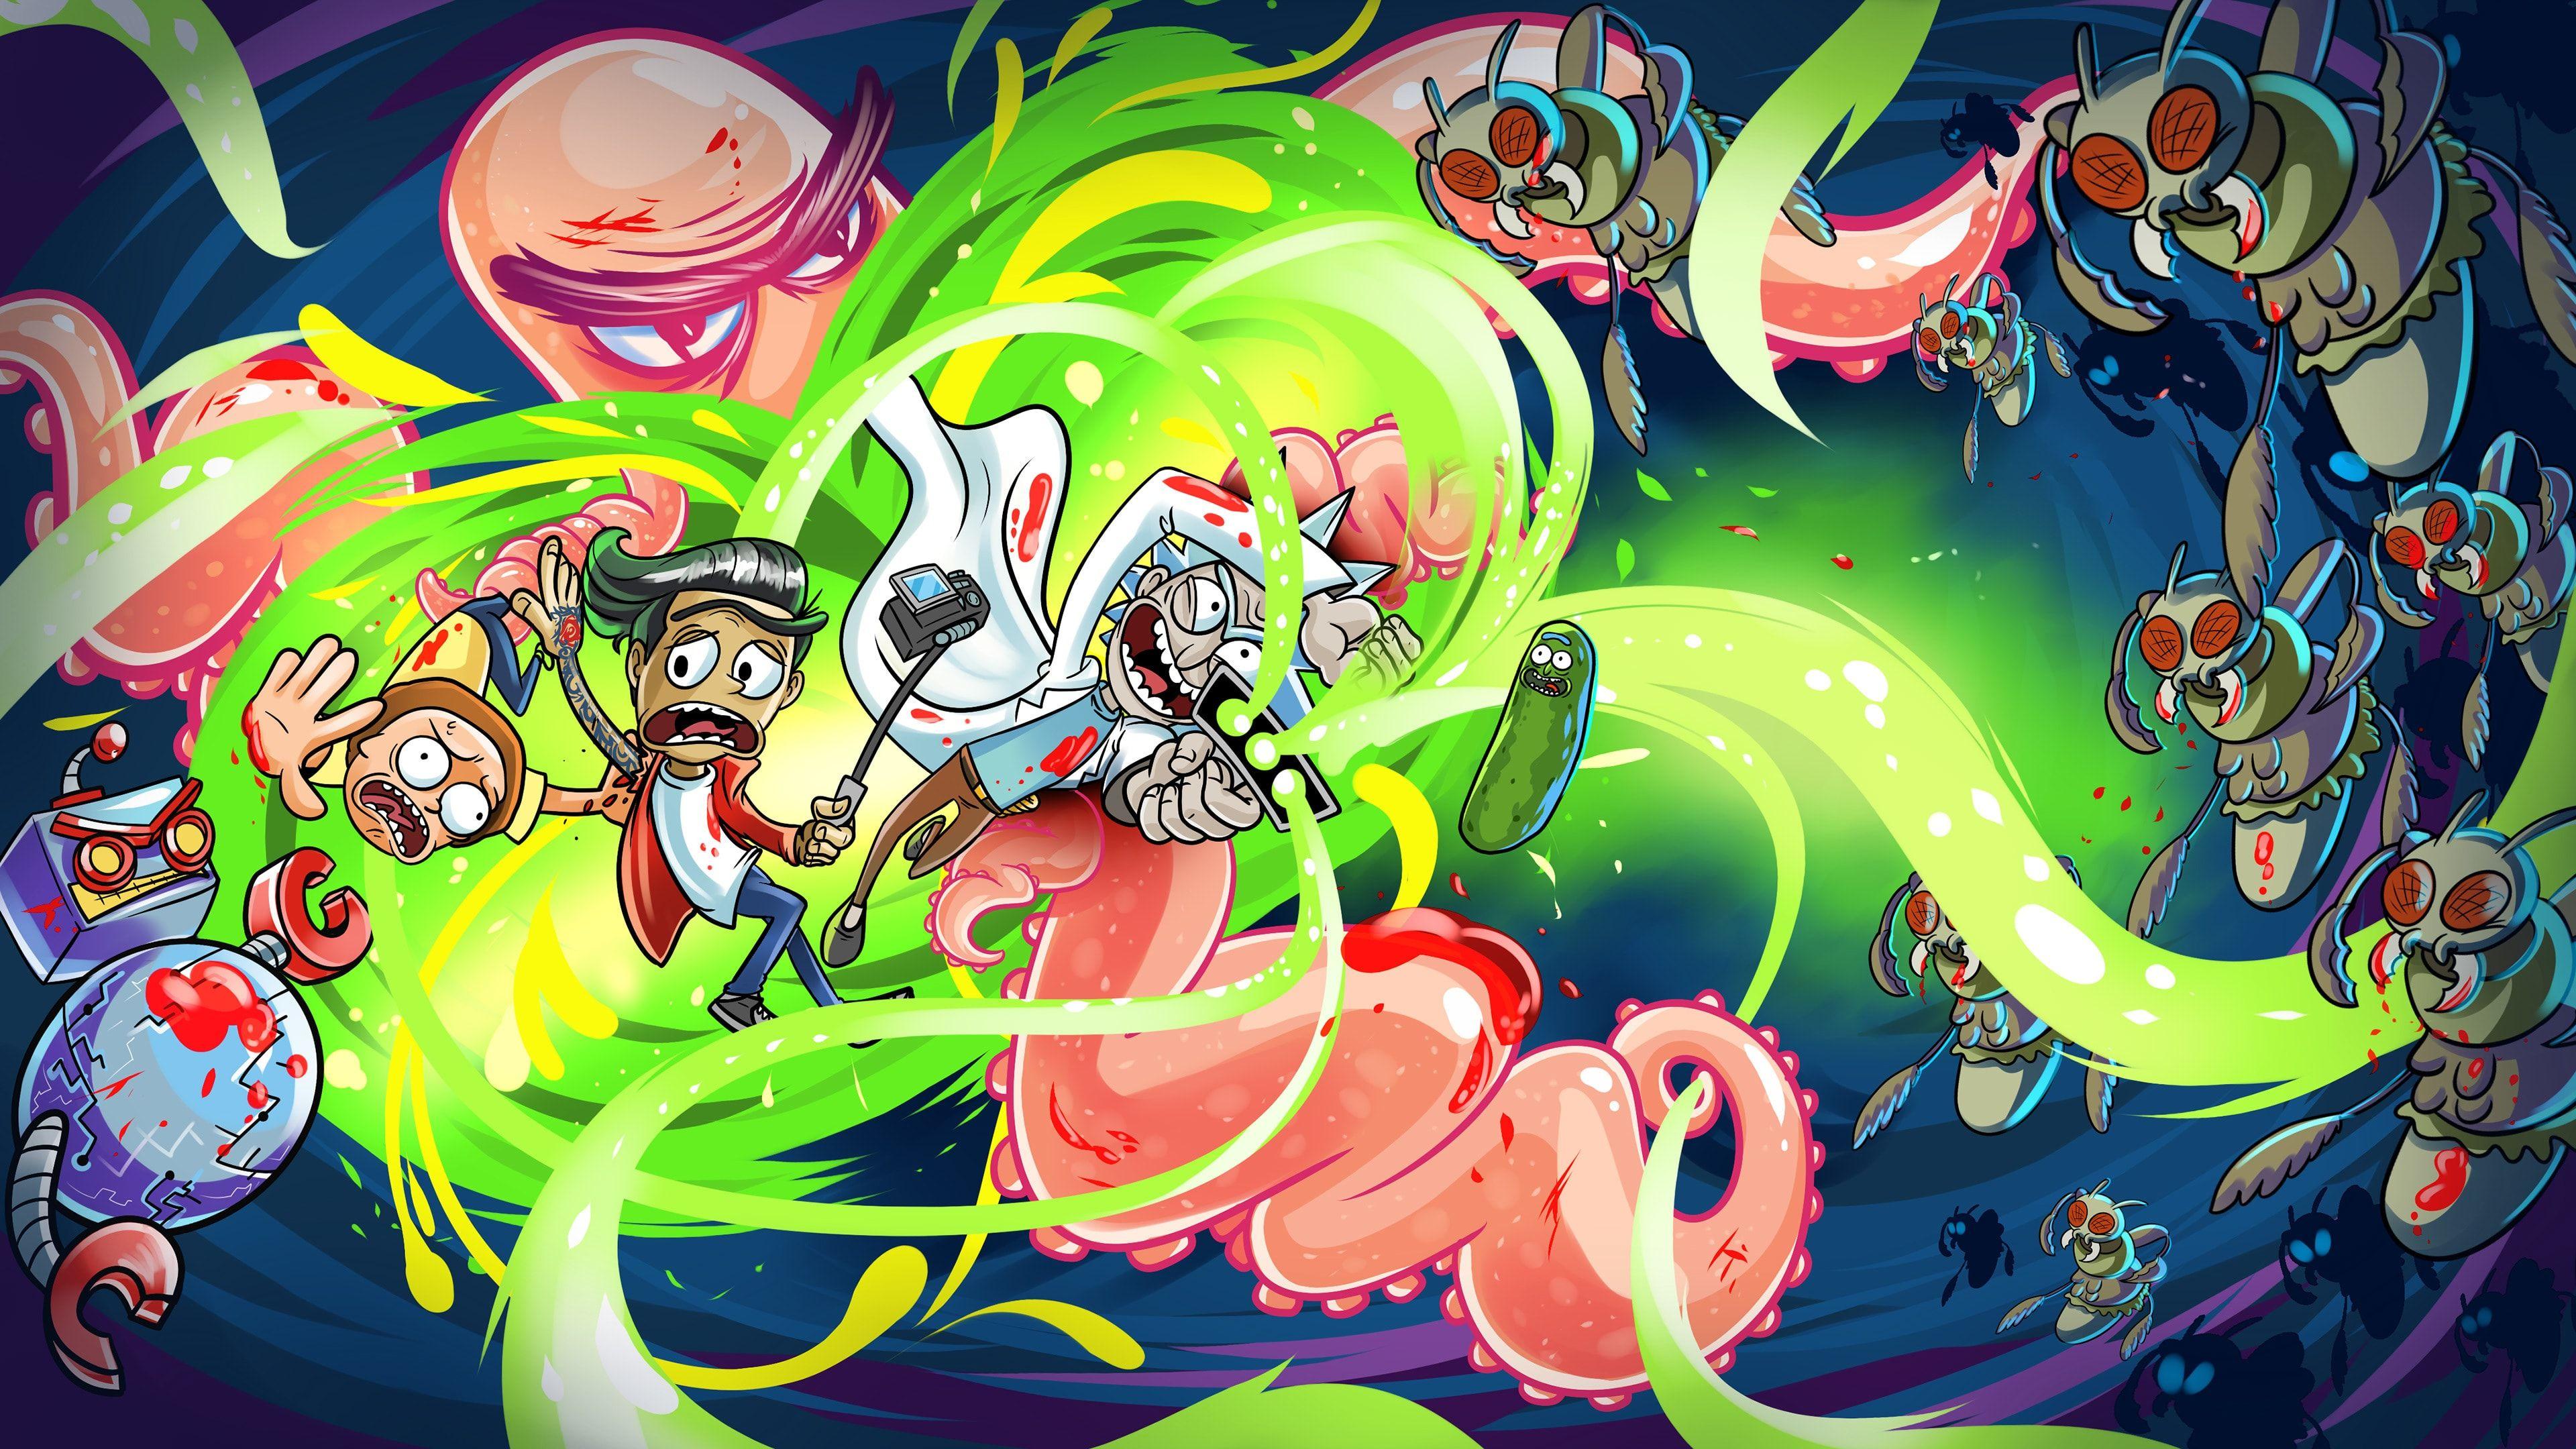 Rick and Morty artwork 4K wallpaper in 2020 Cartoon